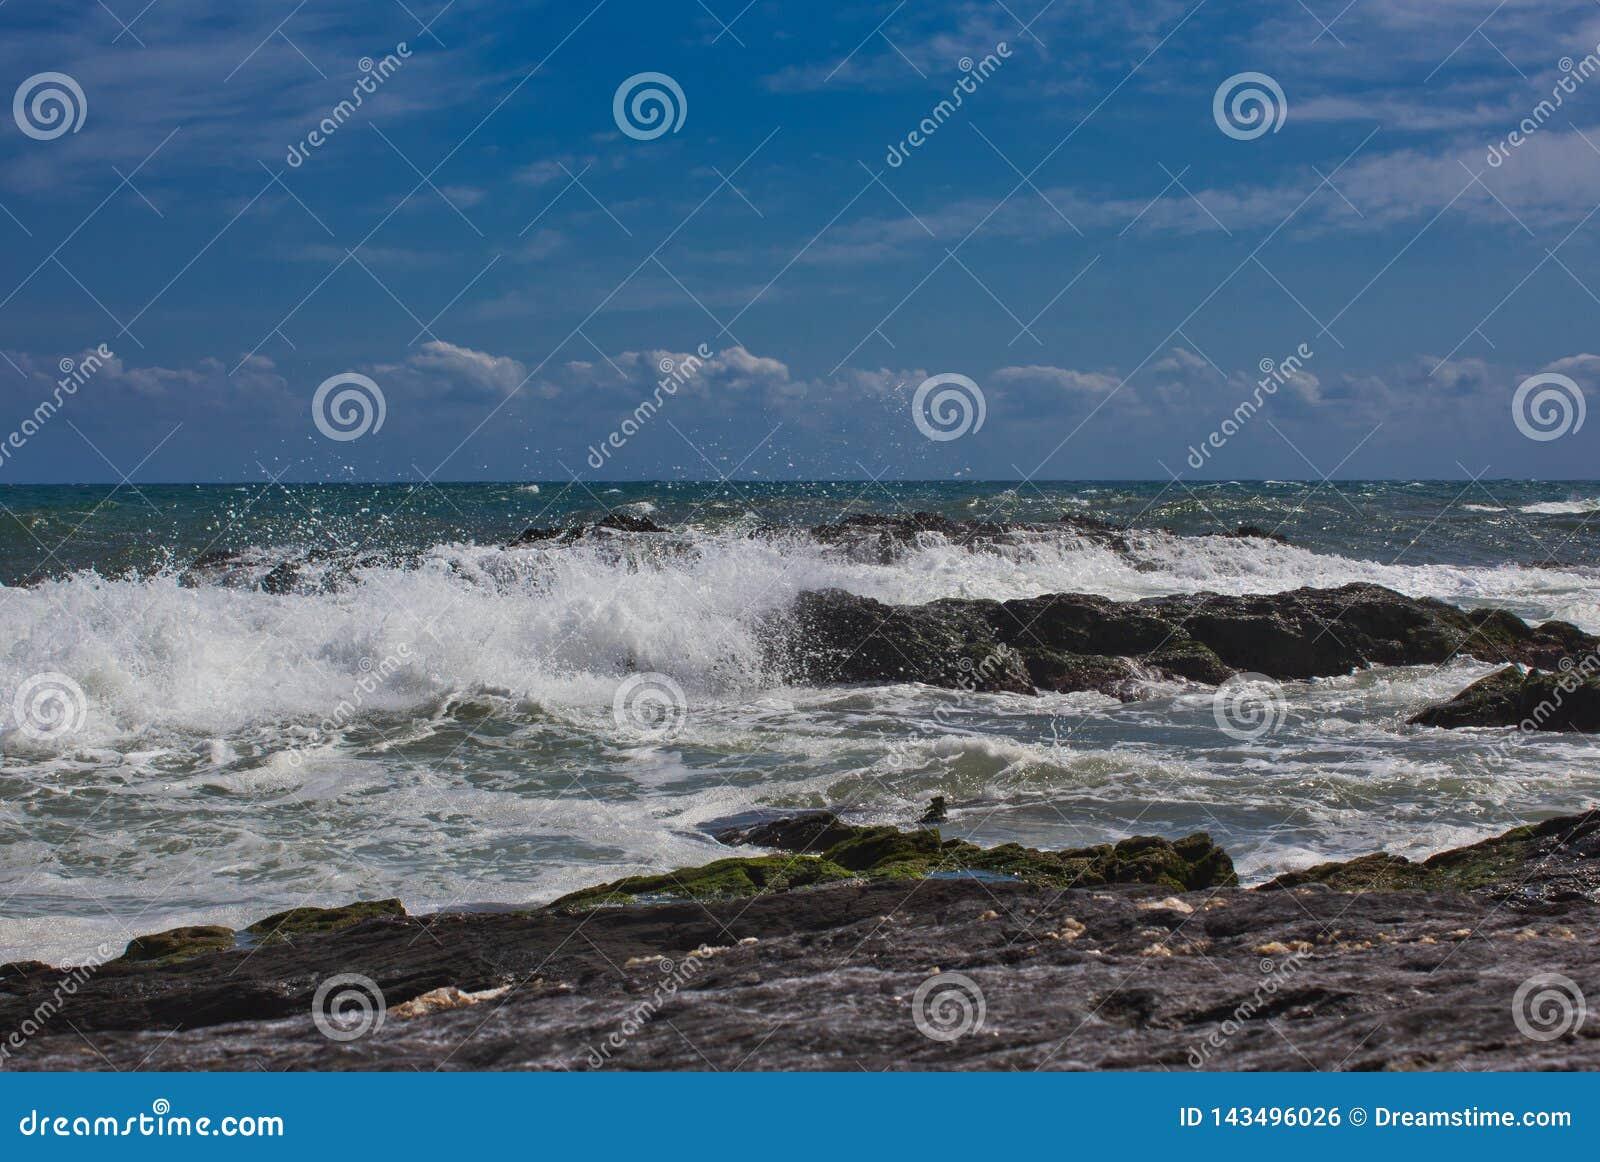 Wellen auf dem Strand von einem mediateranea Meer